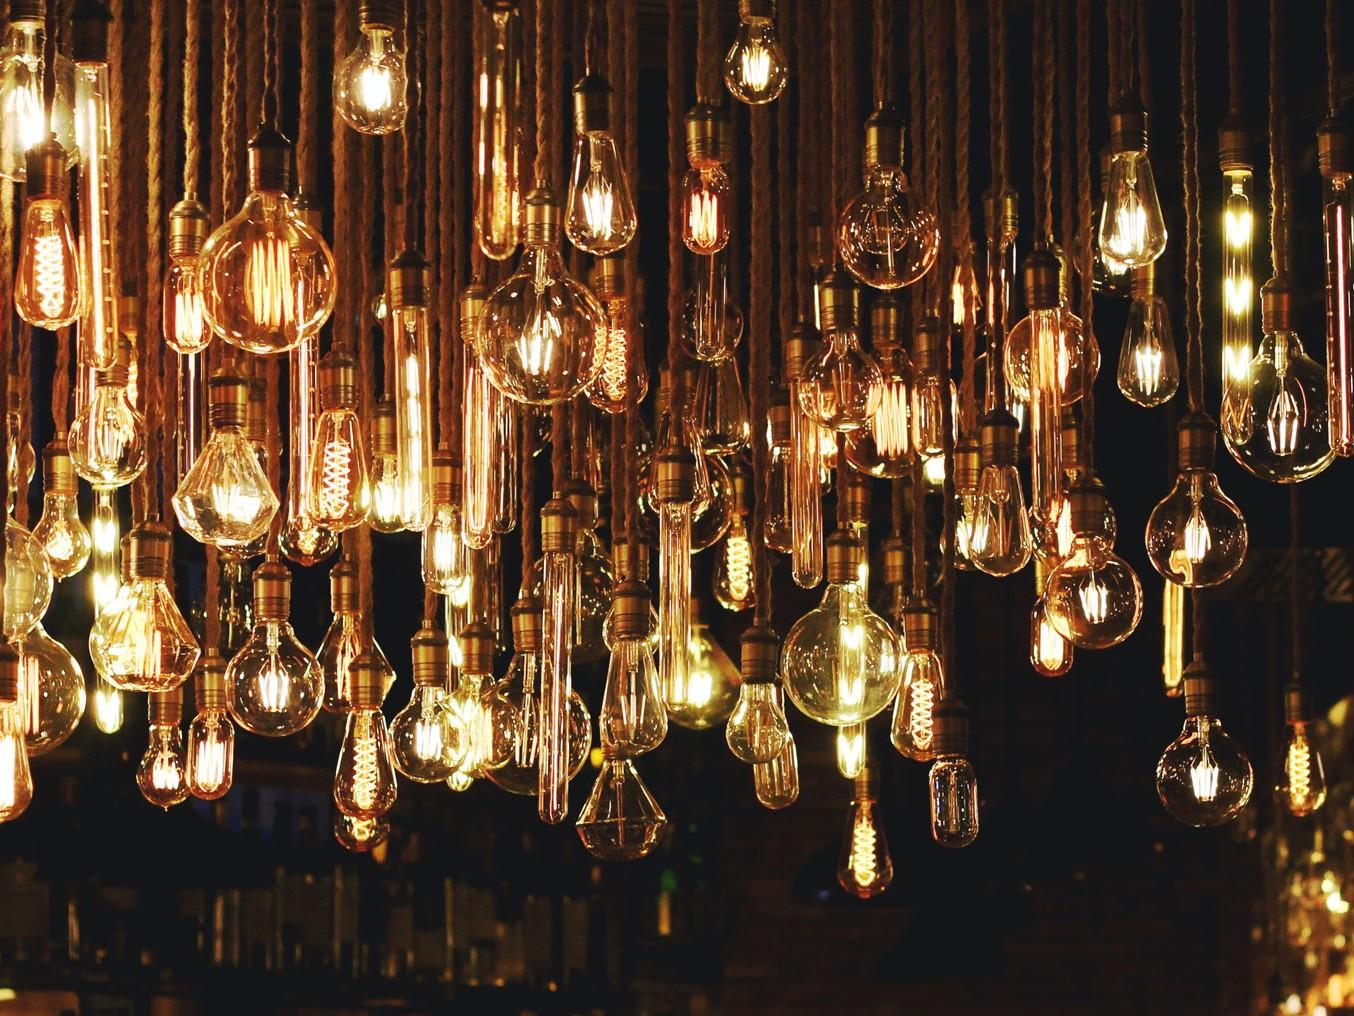 light bulbs- IBM solved